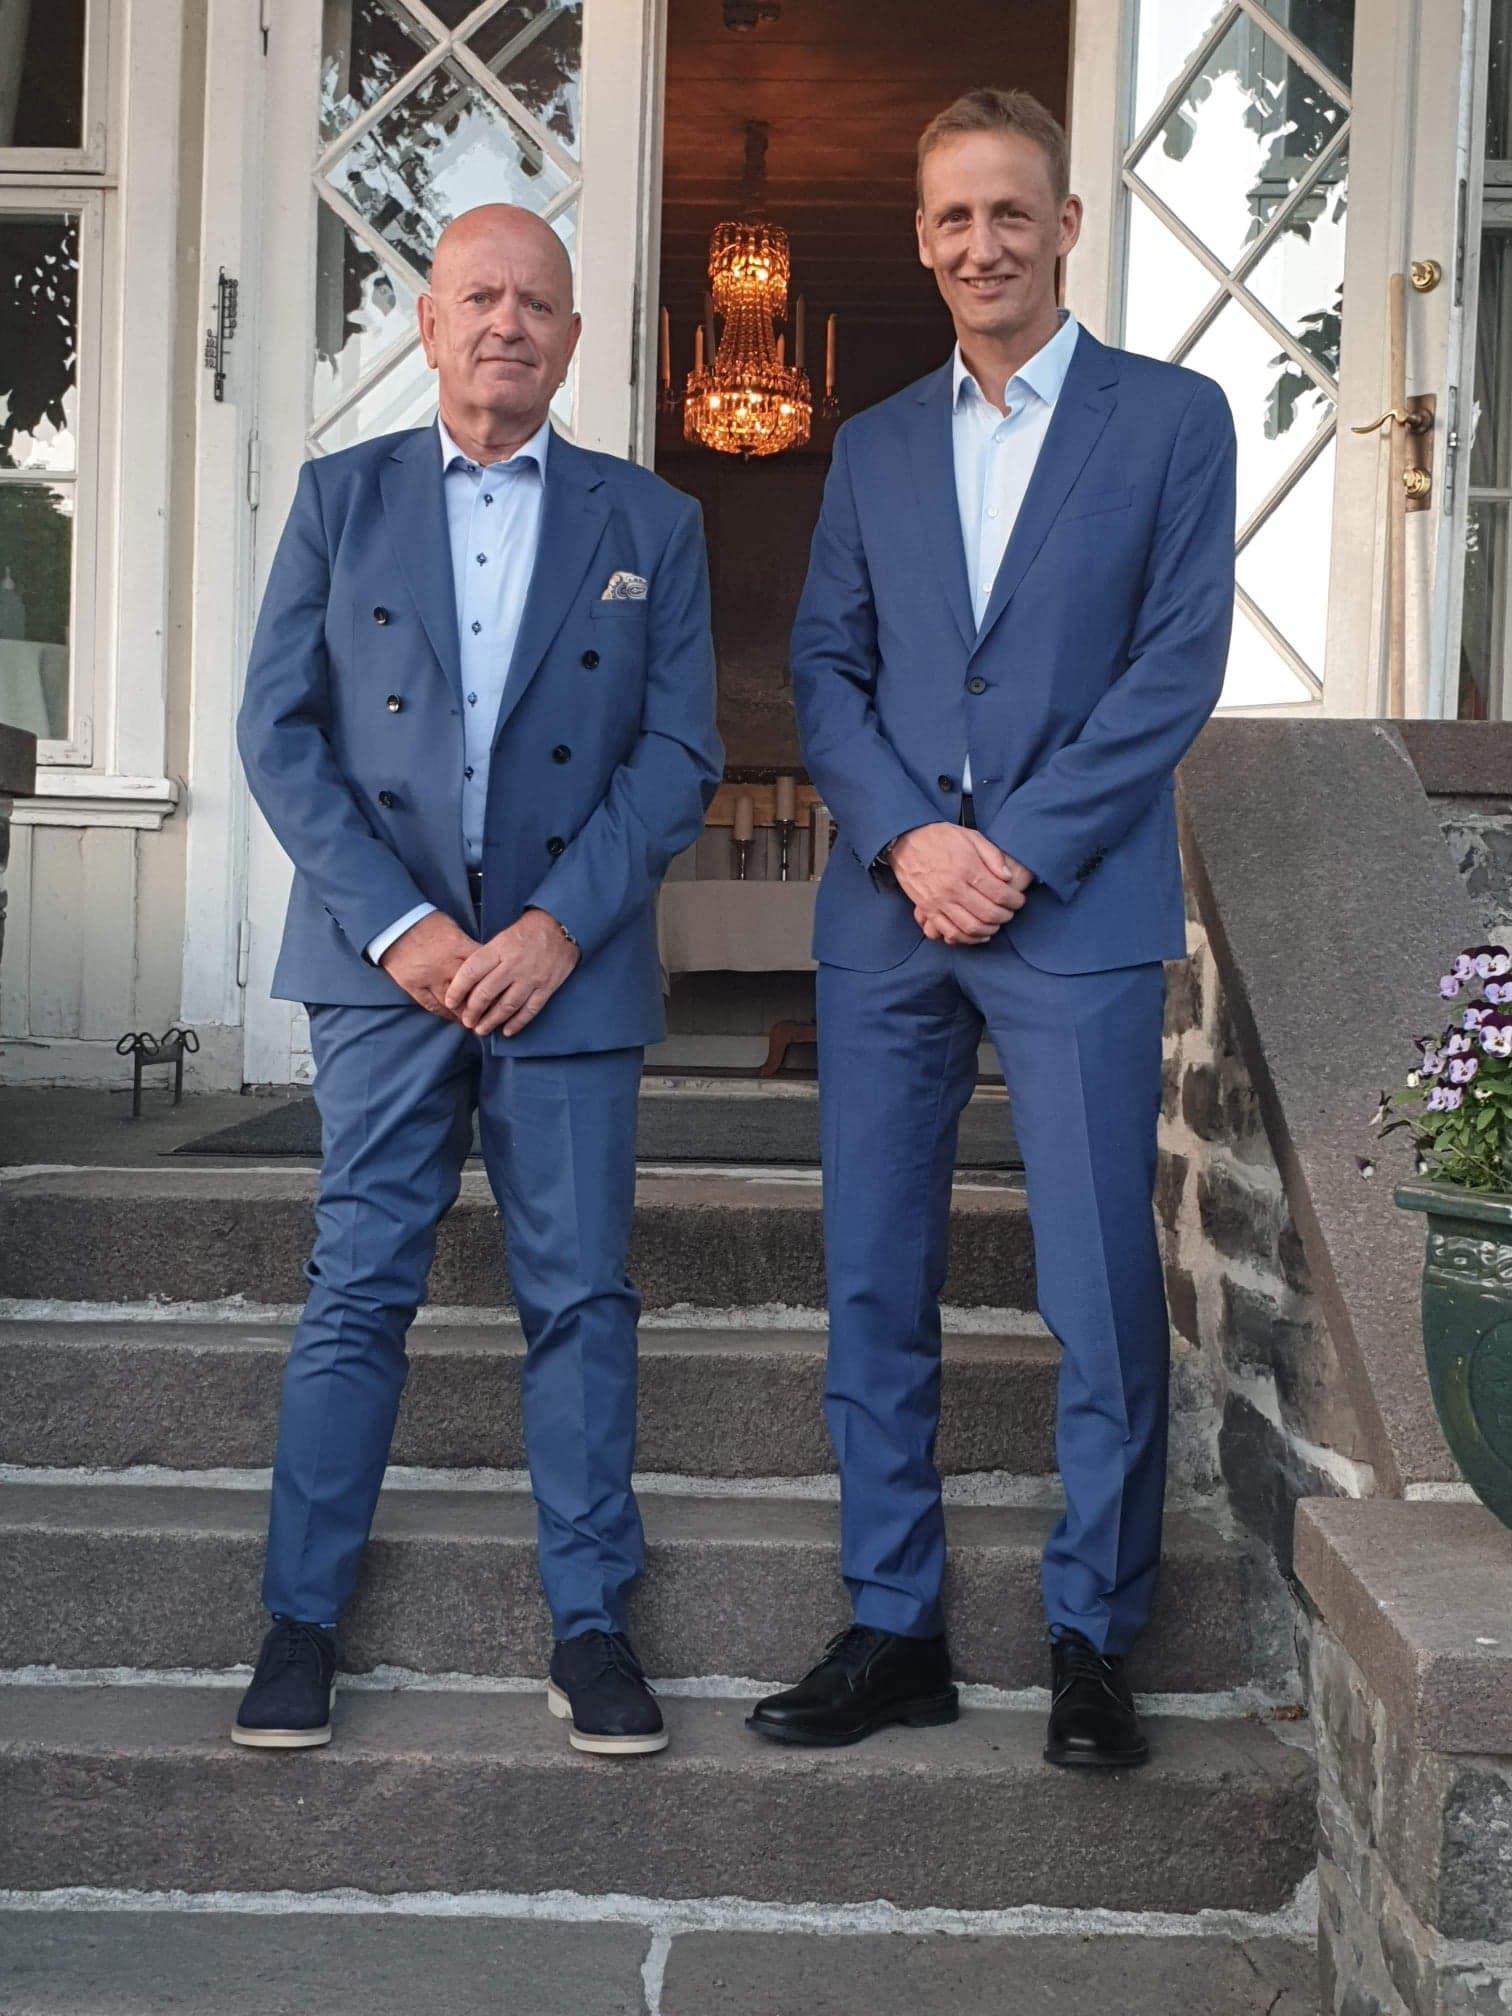 Ole Vikre og Forsvarssjefen 3 juni 2021.jpg